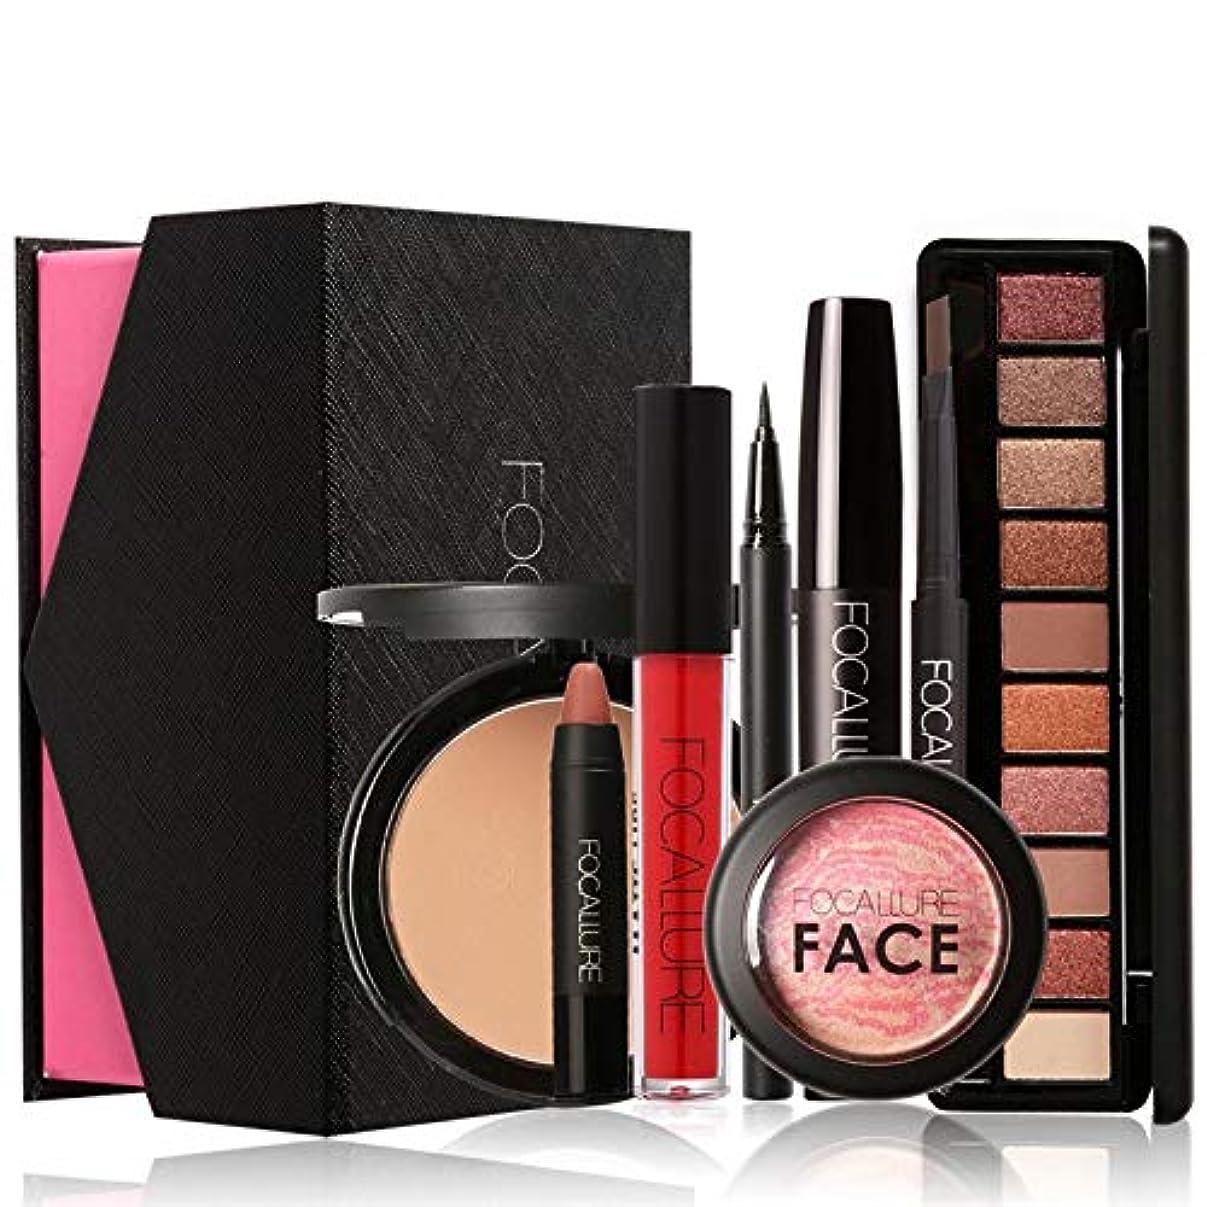 熟読肘掛け椅子教育学8Pcs Daily Use Cosmetics Makeup Sets Make Up Cosmetics Gift Makeup Set for women 毎日の使用8個の化粧品メイクアップセットメイクアップ化粧品ギフトメイクアップセット